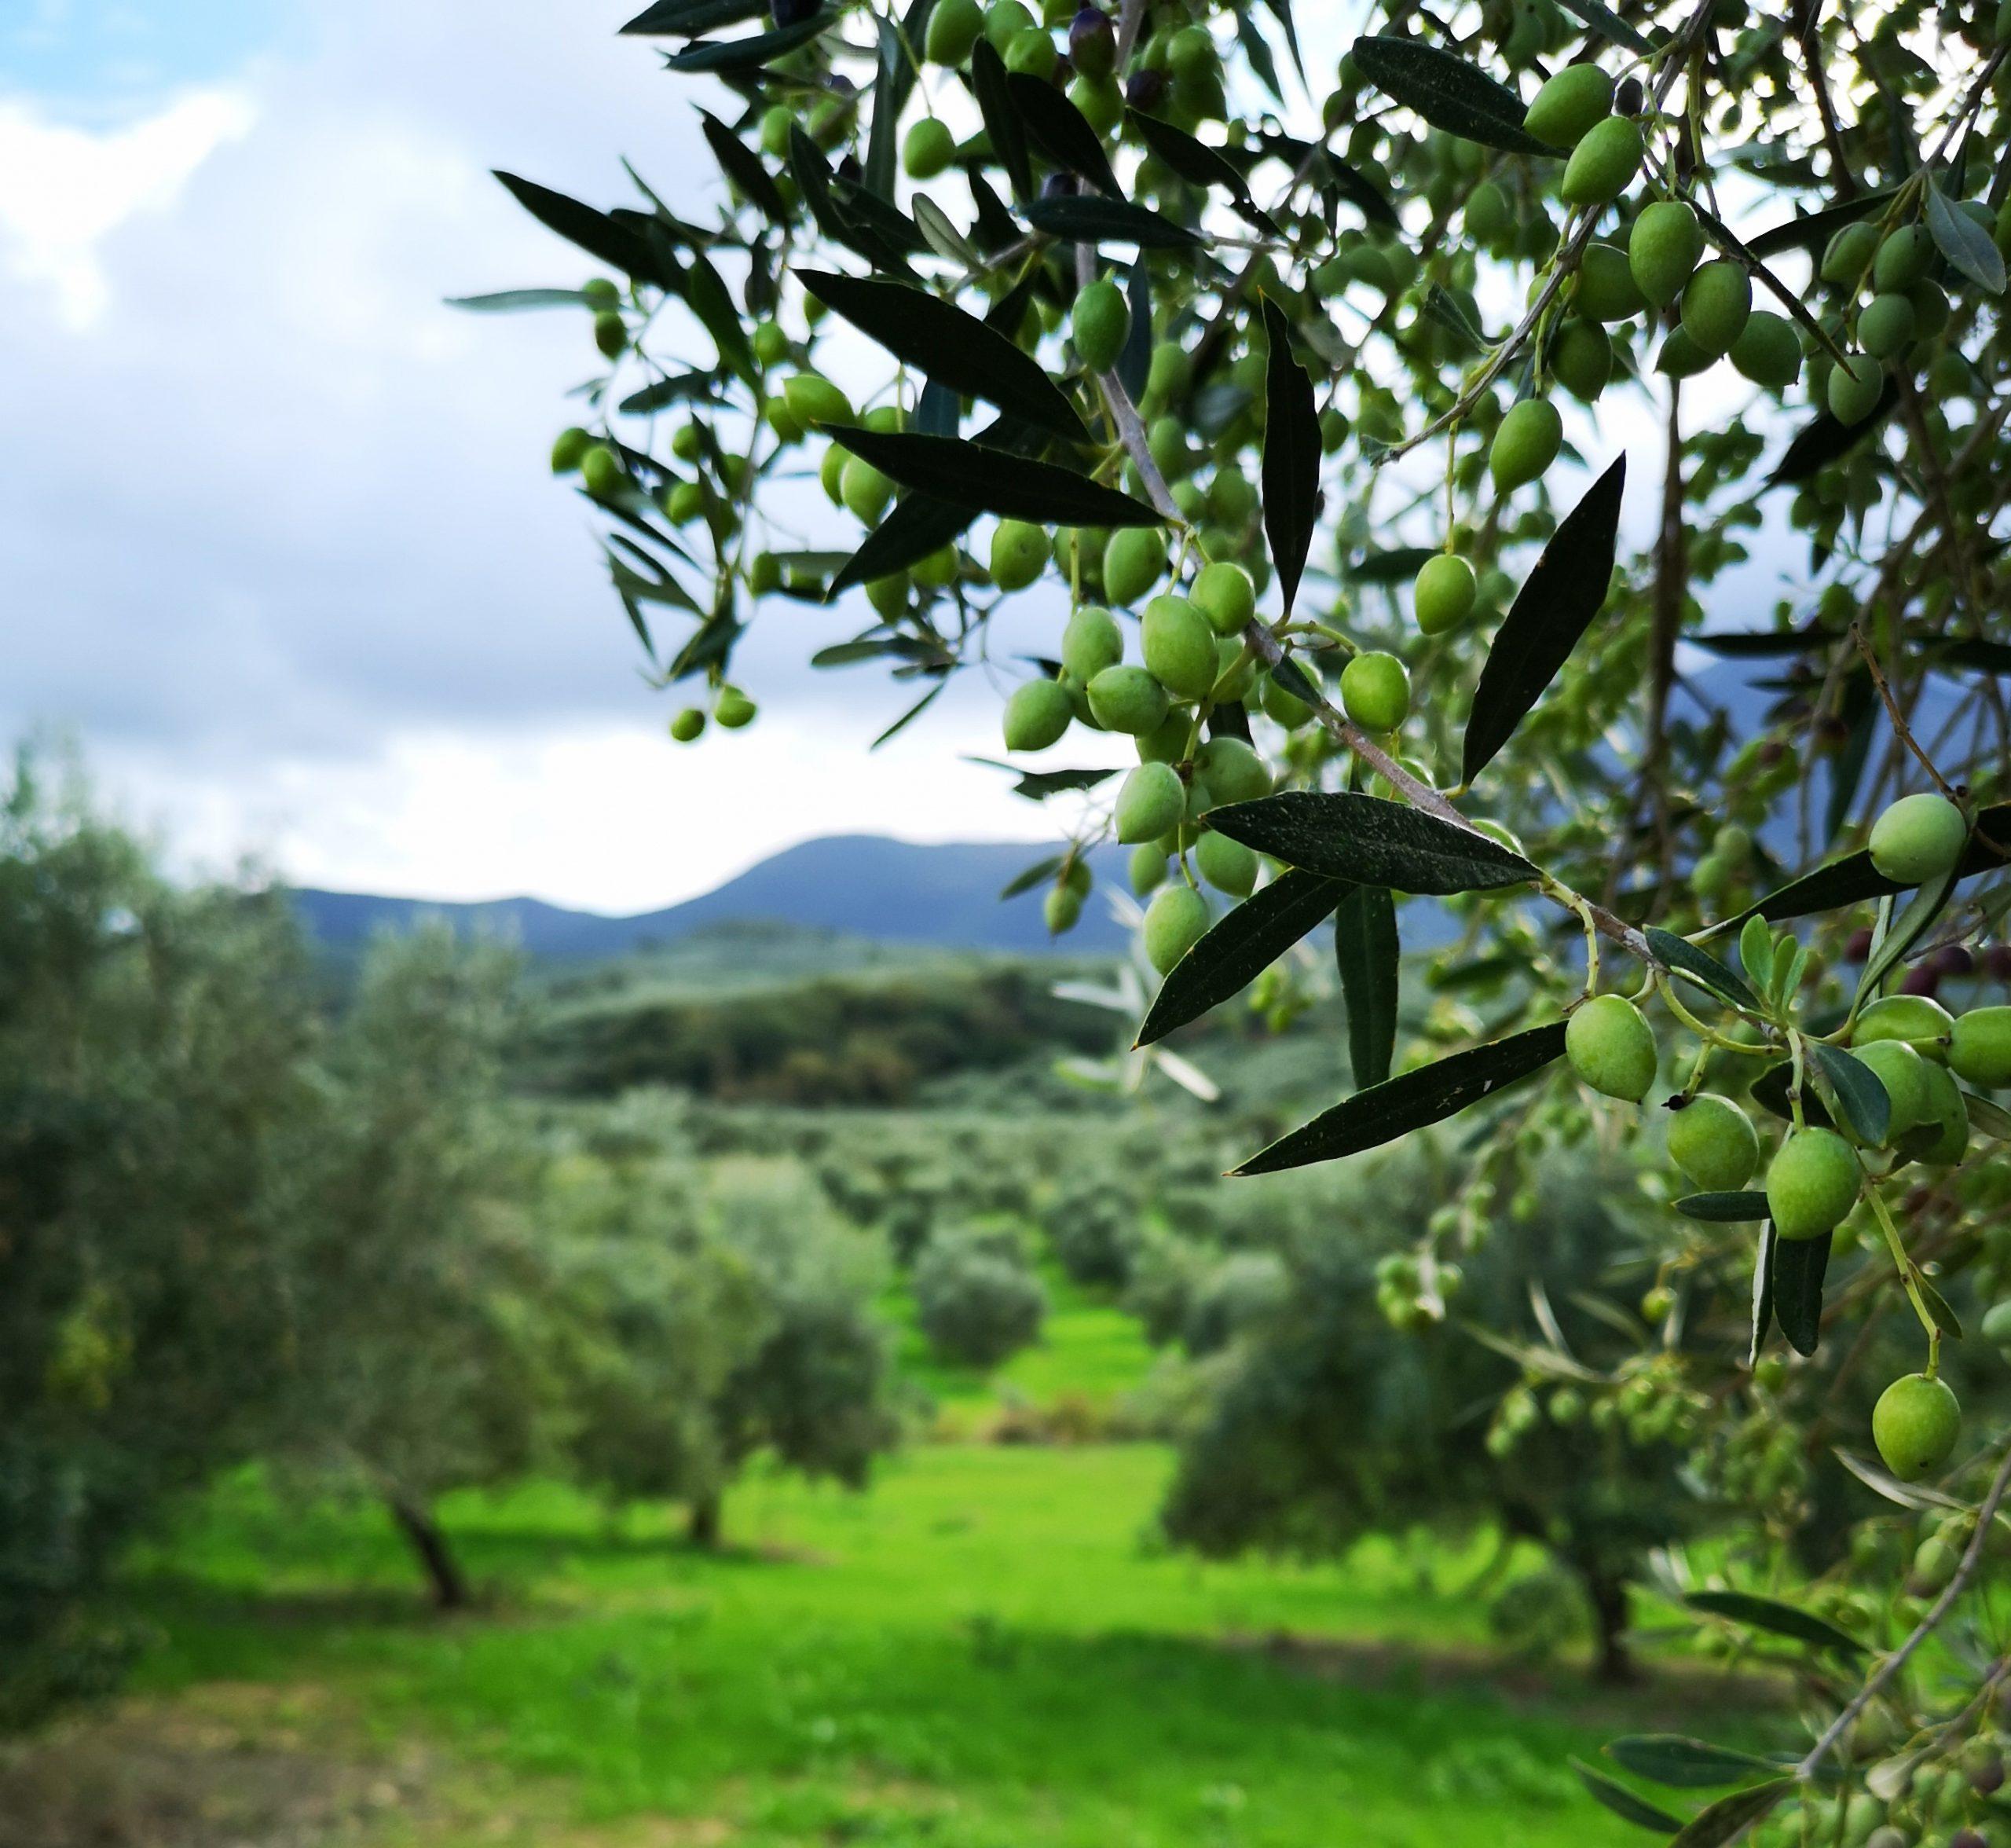 το δέντρο της ελιάς καρπός ελιάς έτοιμο για συγκομιδή